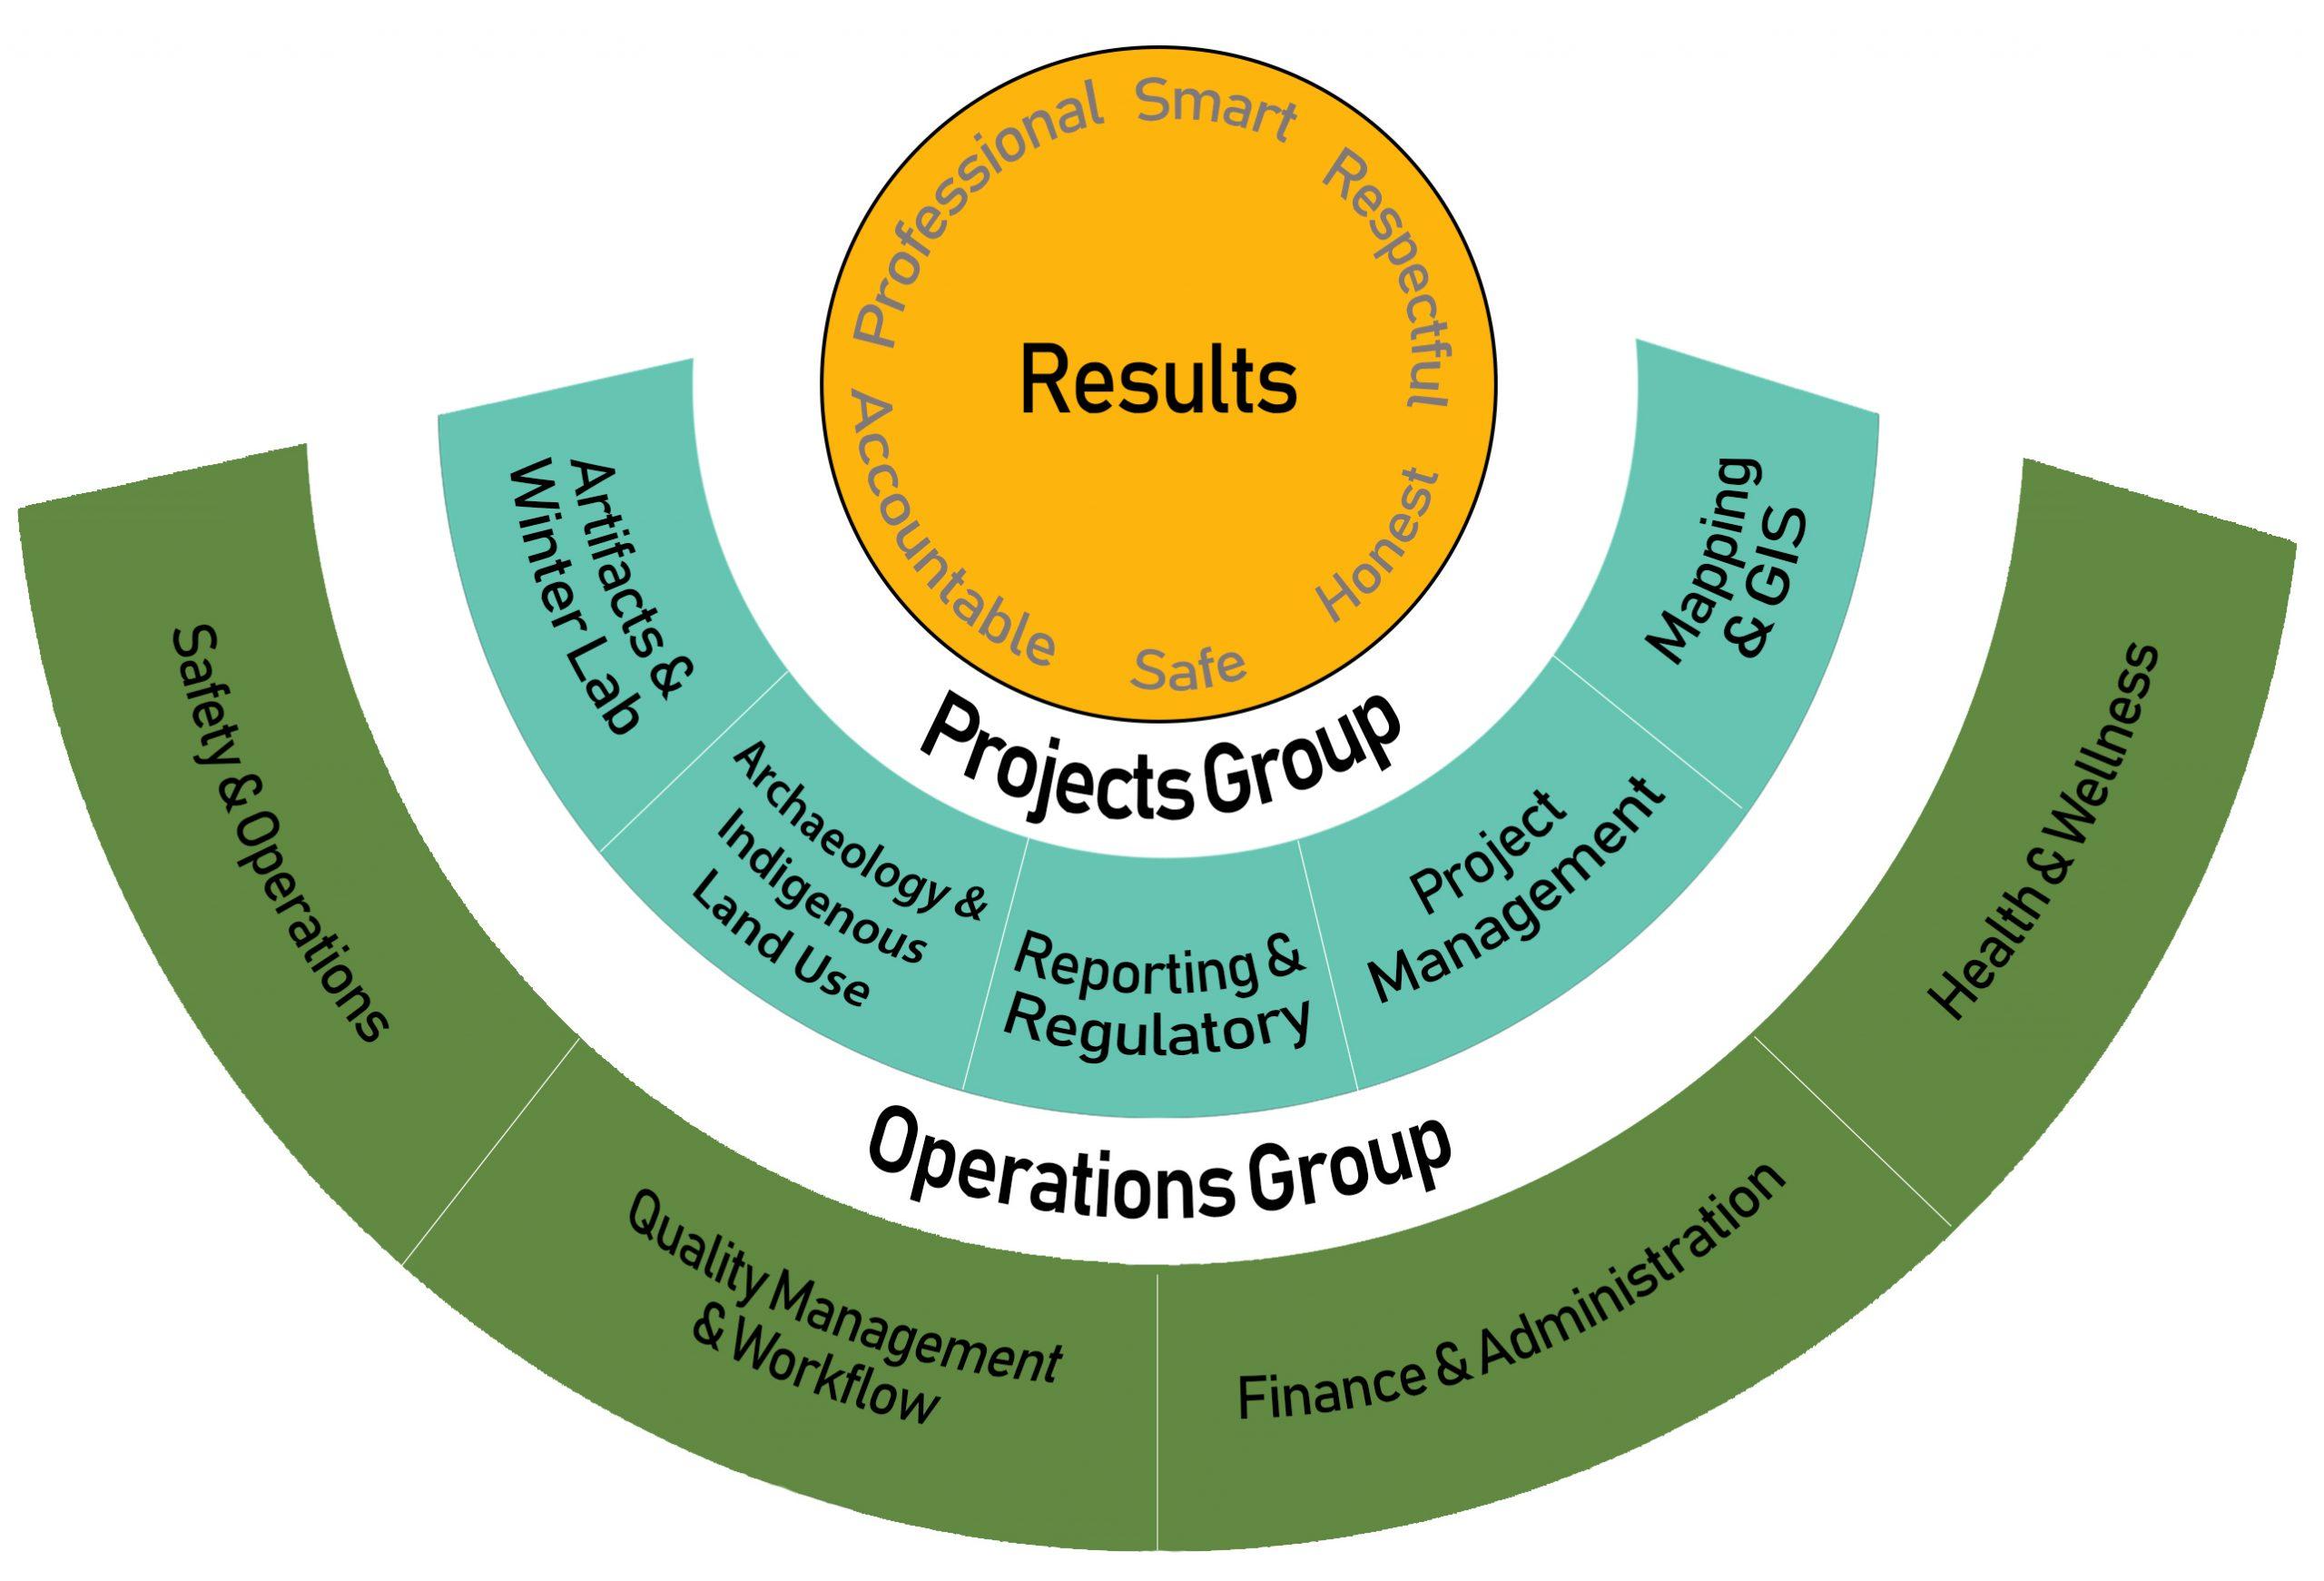 Landsong Organizational Chart 2020